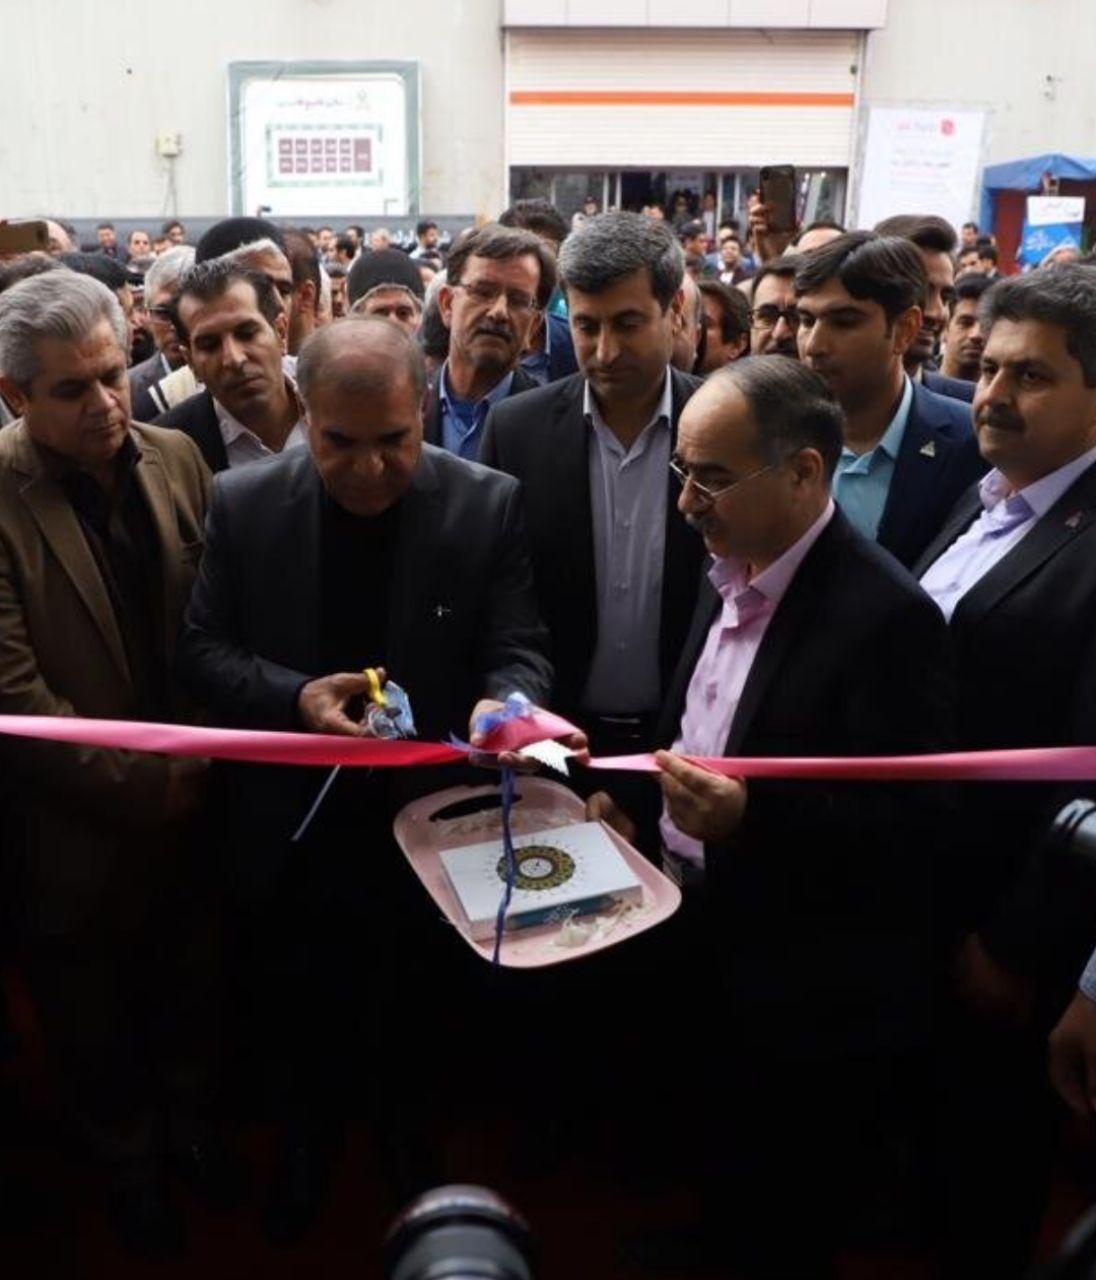 IMG 20191213 223244 594 آغاز بکار  یازدهمین نمایشگاه تخصصی ساخت تجهیزات صنعت نفت و هفدهمین نمایشگاه تخصصی ساخت تجهیزات صنعت حفاری در محل نمایشگاههای دائمی استان خوزستان در اهواز